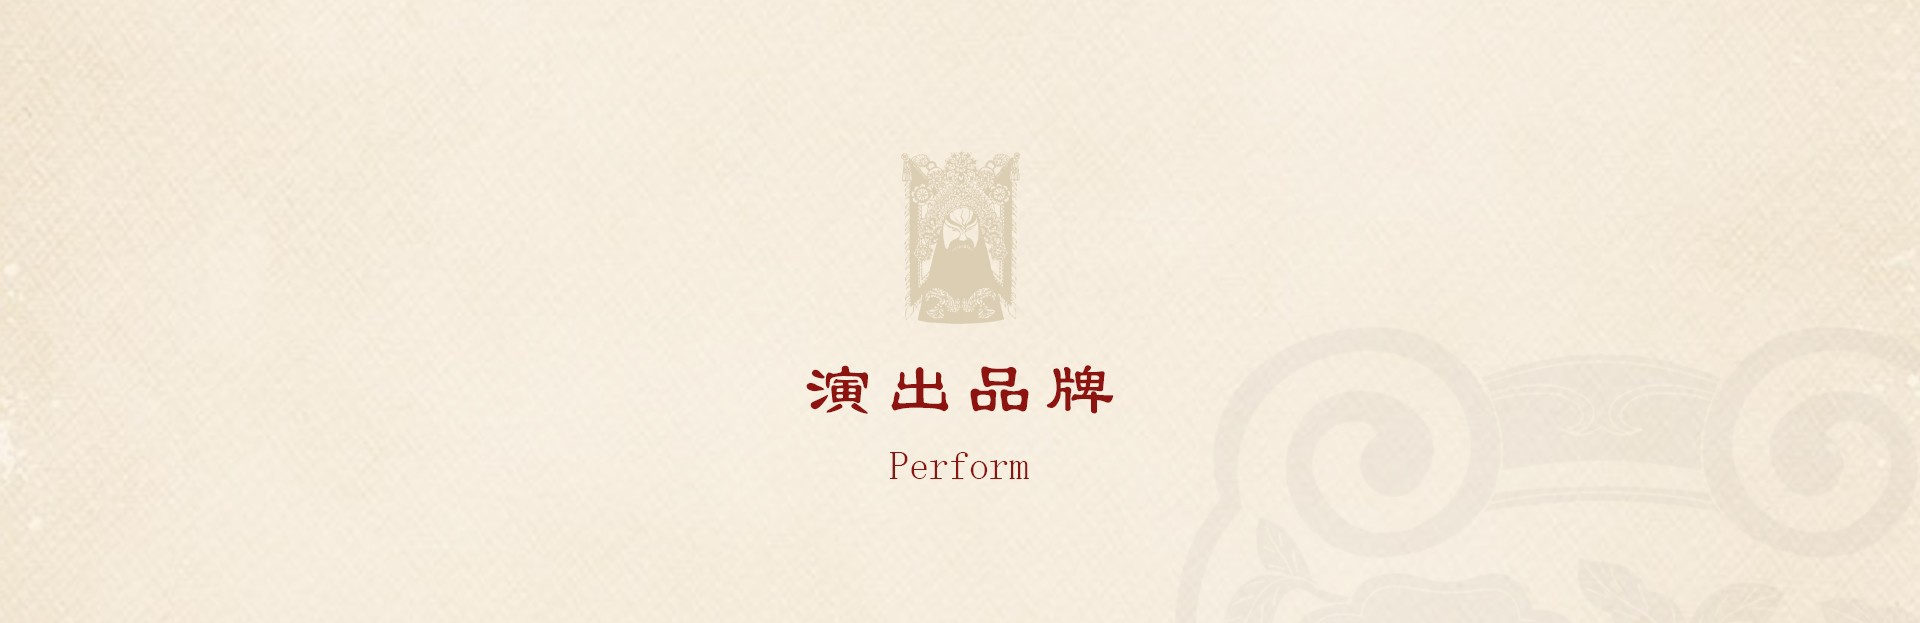 演出品牌-首页